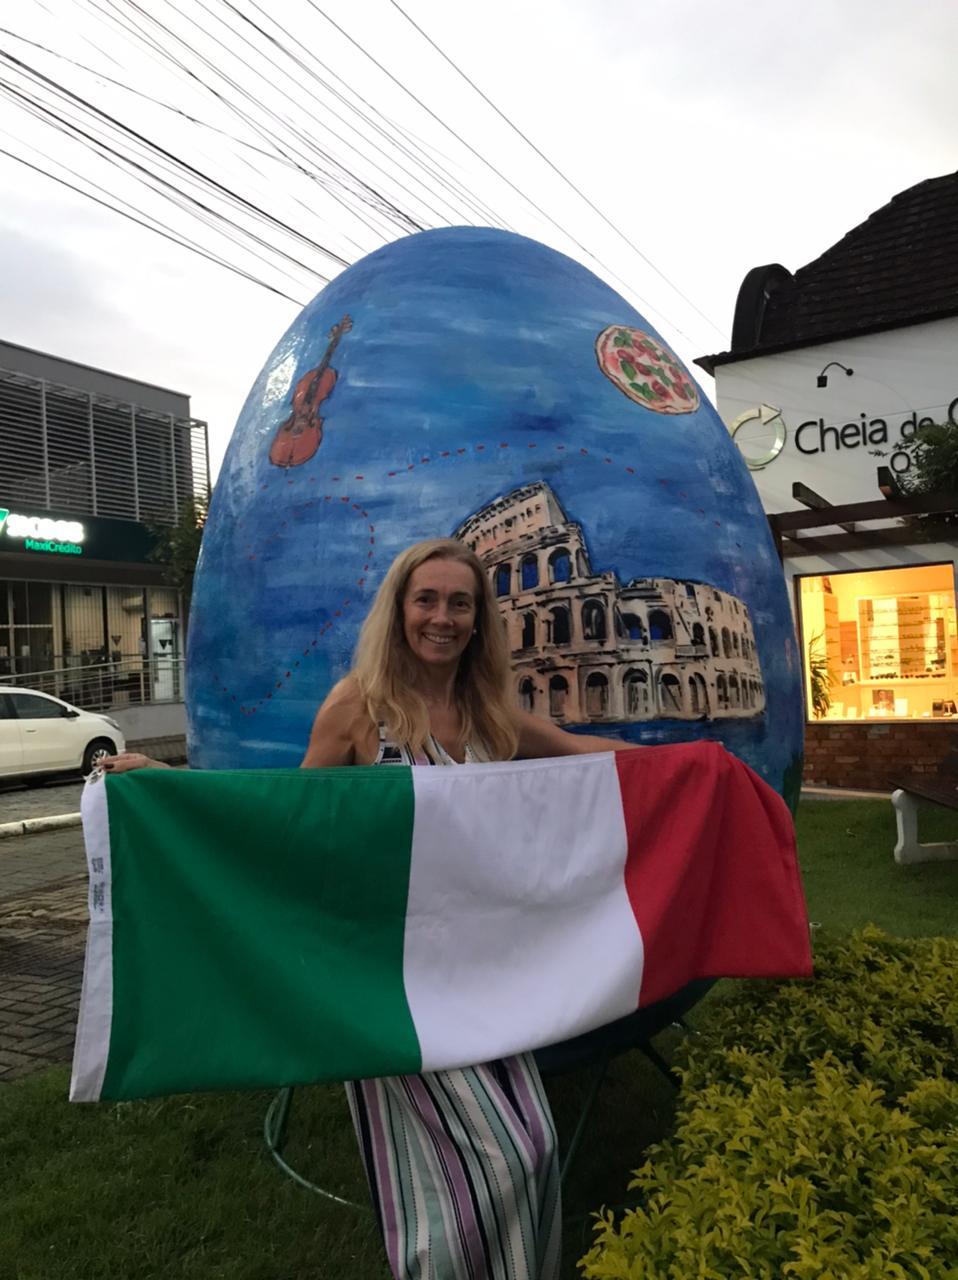 13ª OSTERFEST - Buona Pasqua! - foto de Paola Da Rui Gadotti